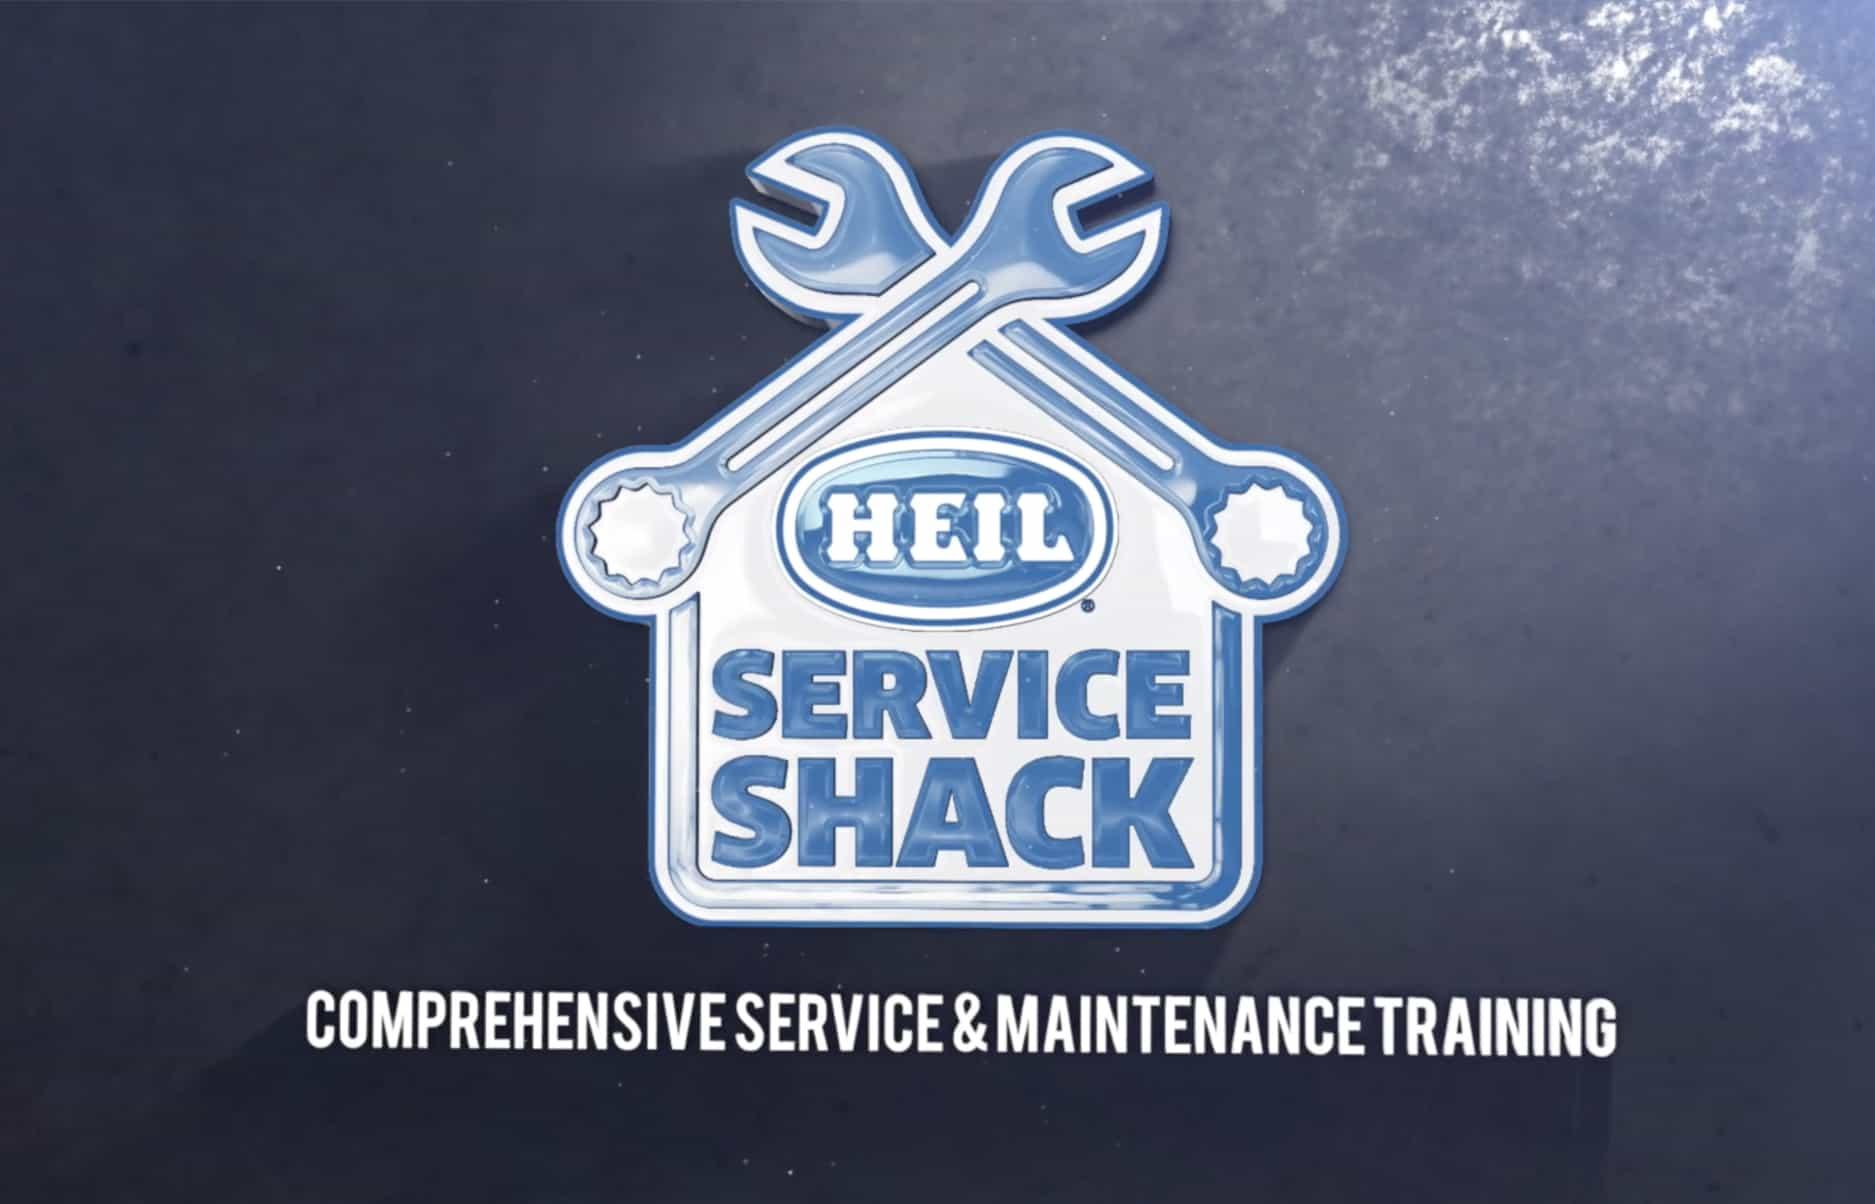 Heil Service Shack Garbage Truck Videos